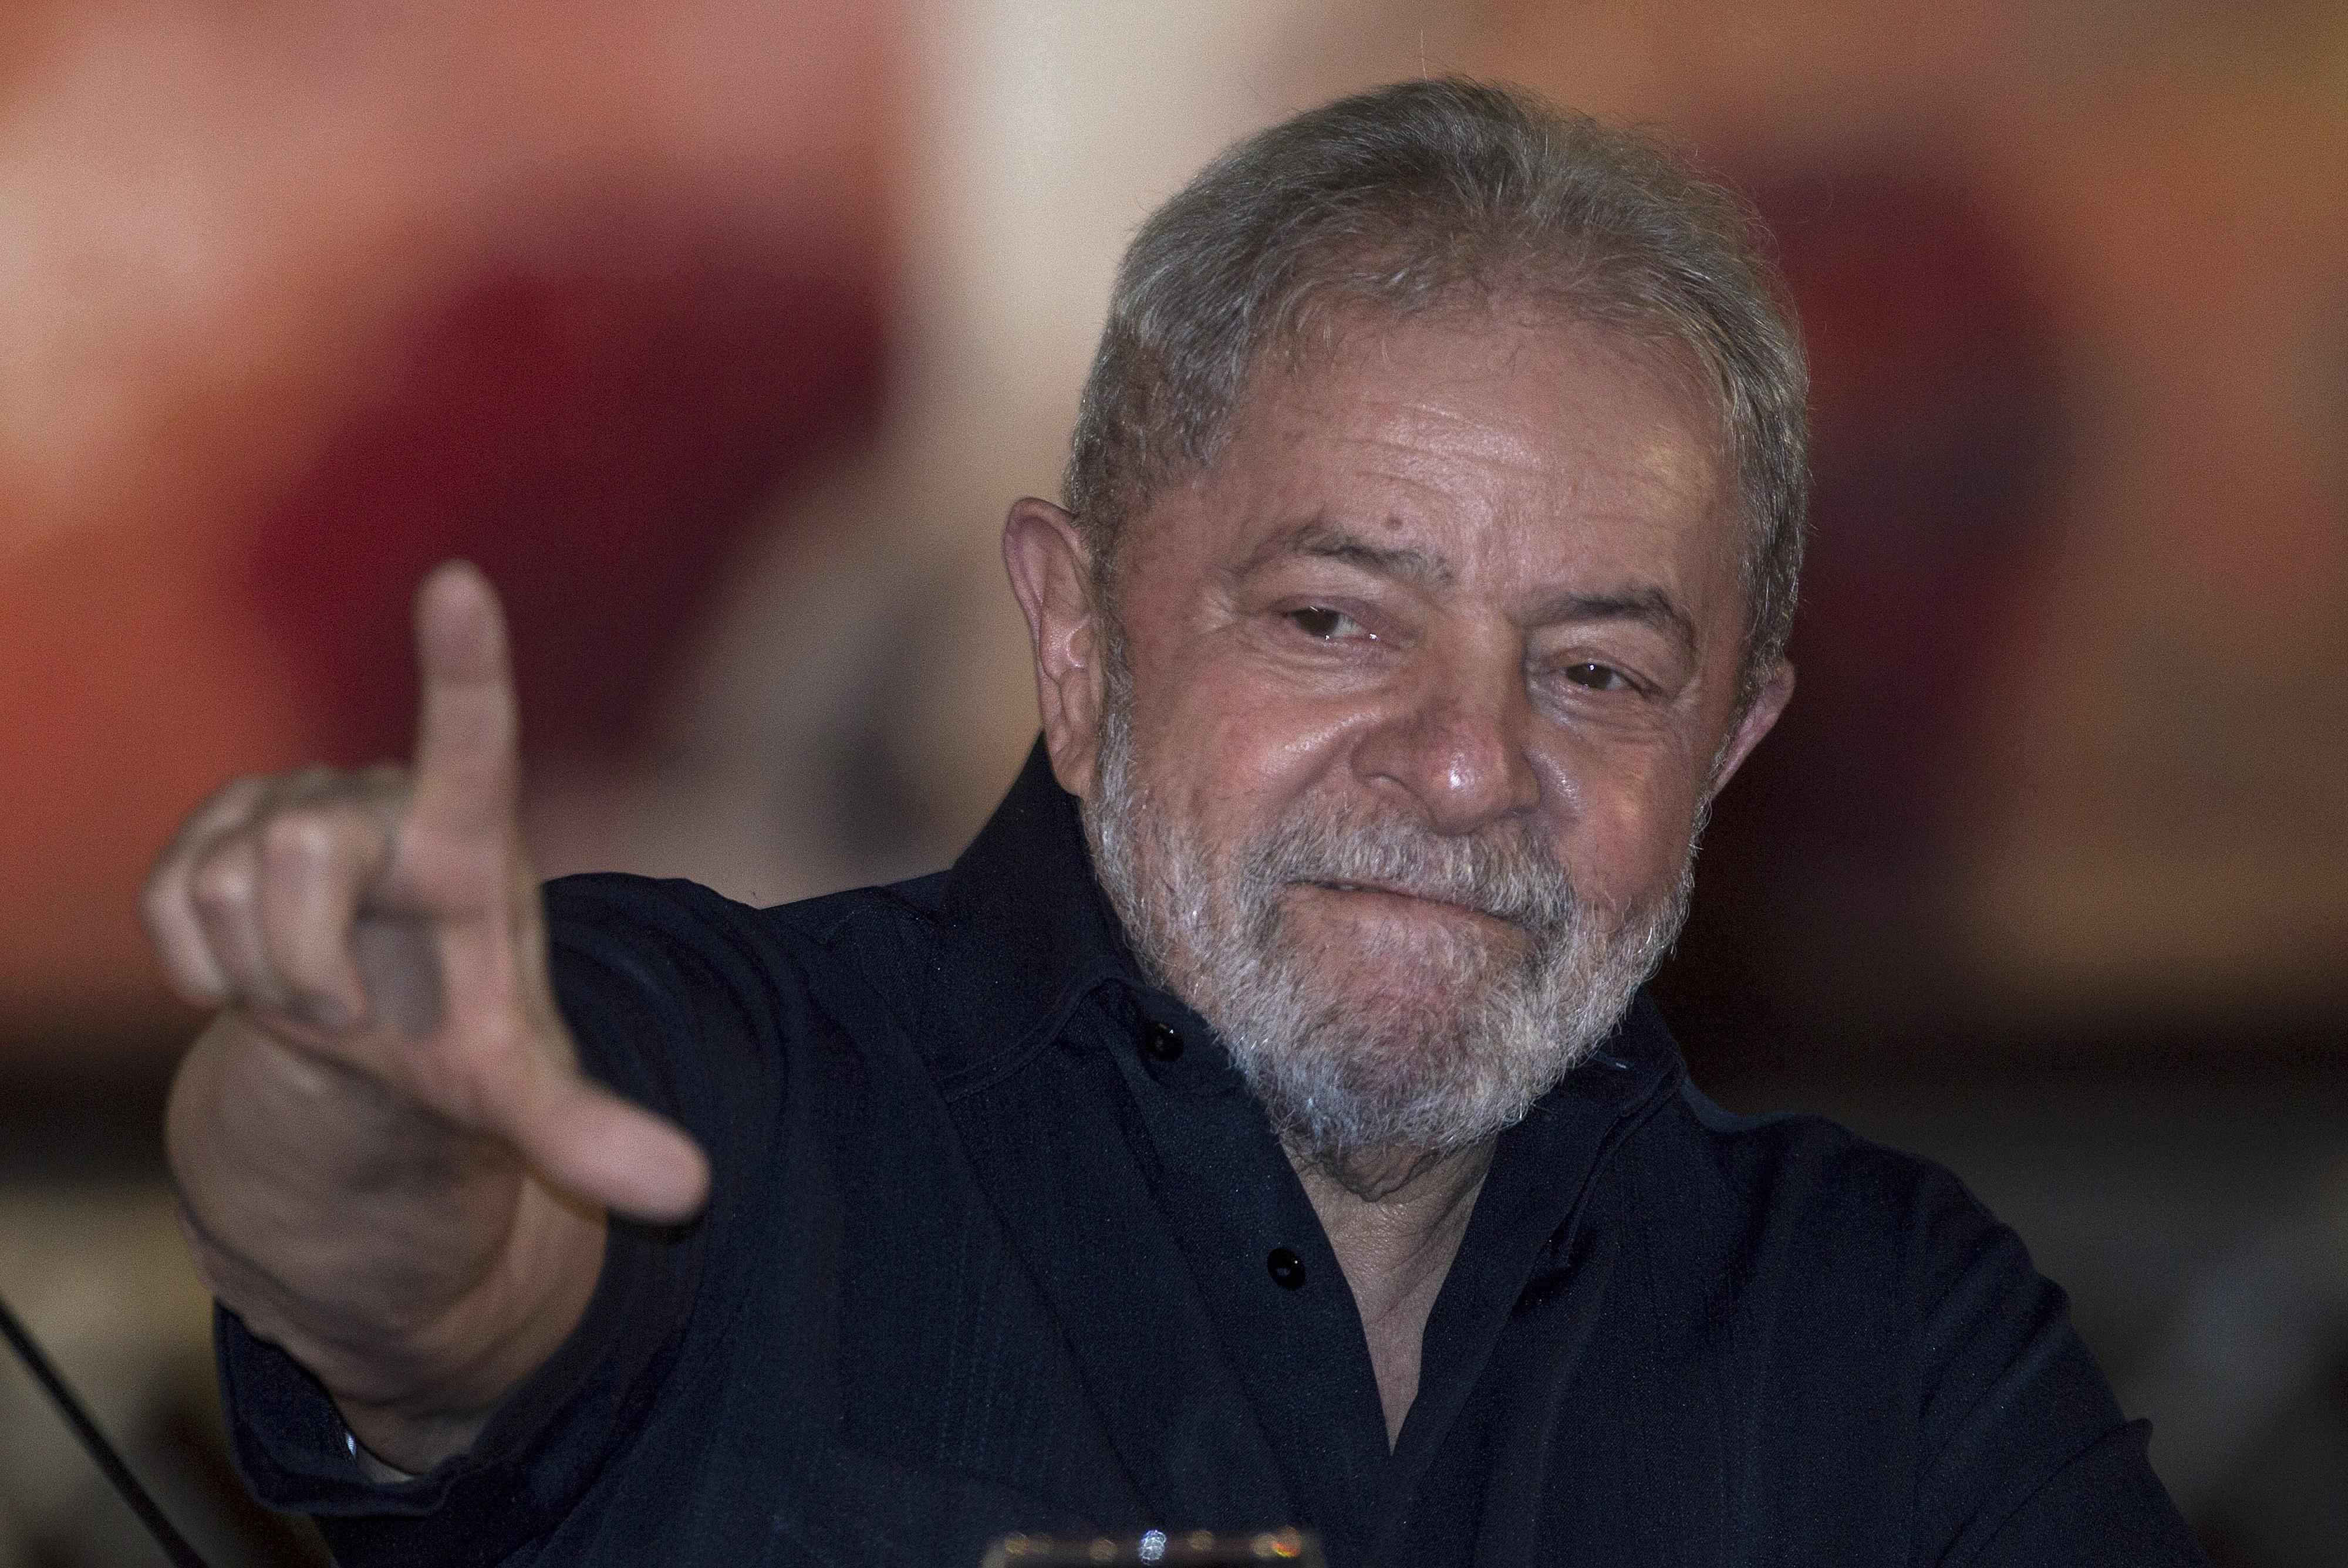 Interrogatório de ex-Presidente Lula da Silva adiado por razões de segurança